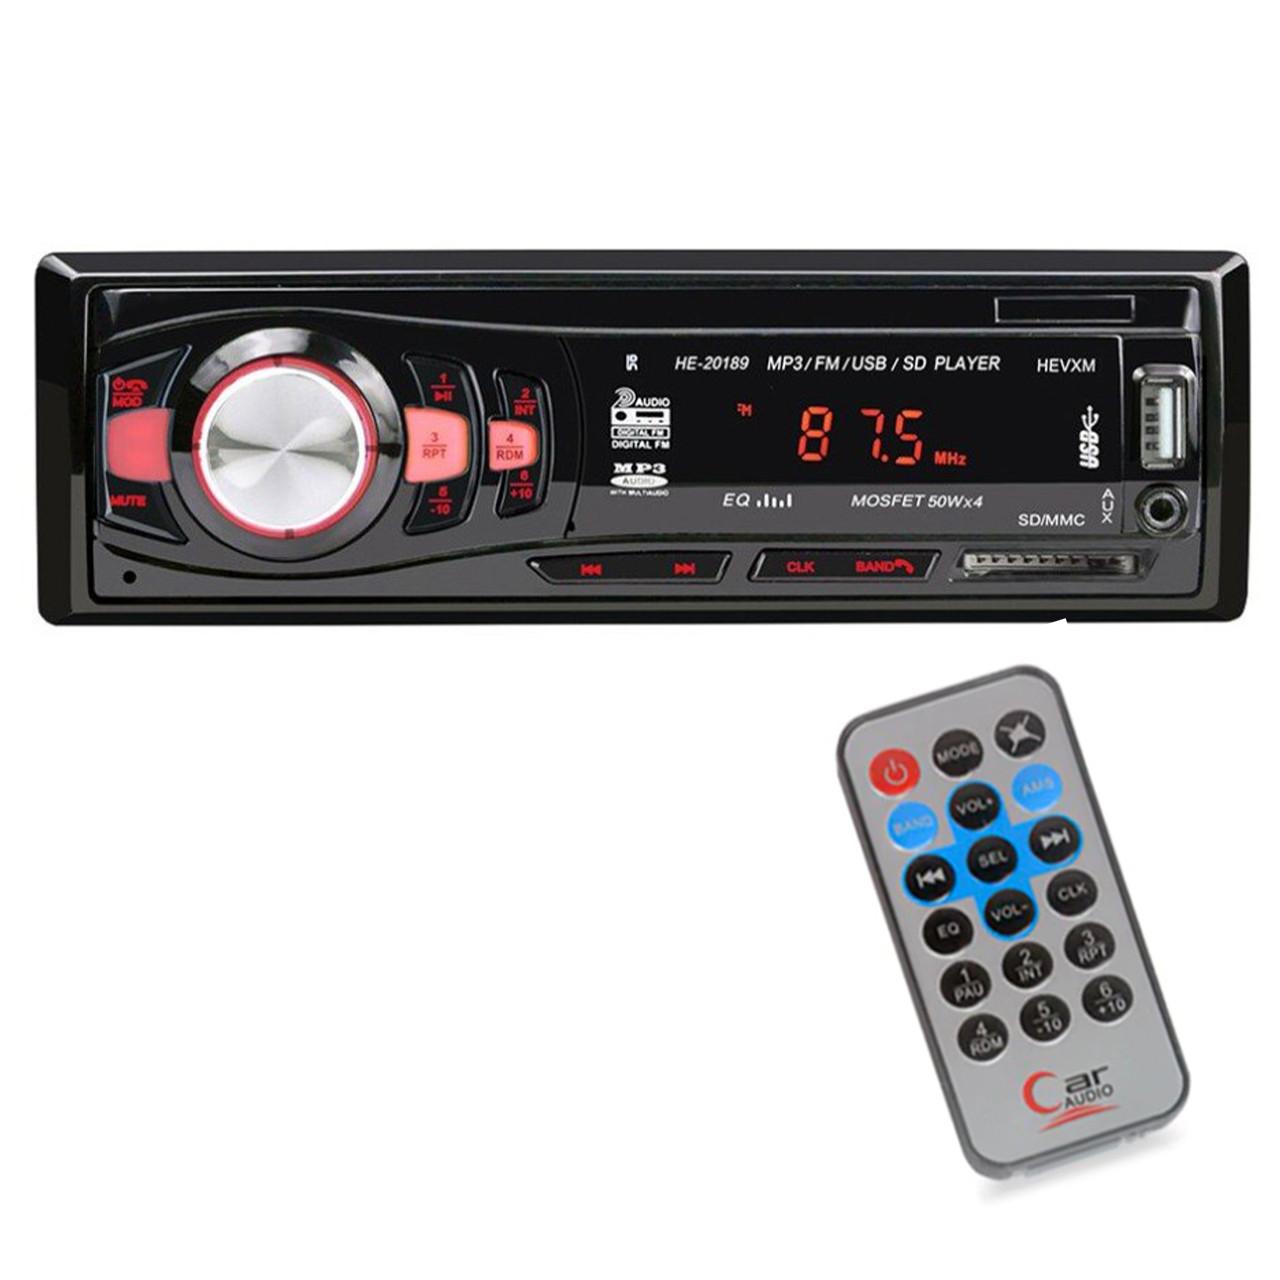 ✾Многофункциональная 1DIN магнитола HEVXM HE 20189 автомобильная мощность 50х4 SD card MP3/FM/USB пульт ДУ